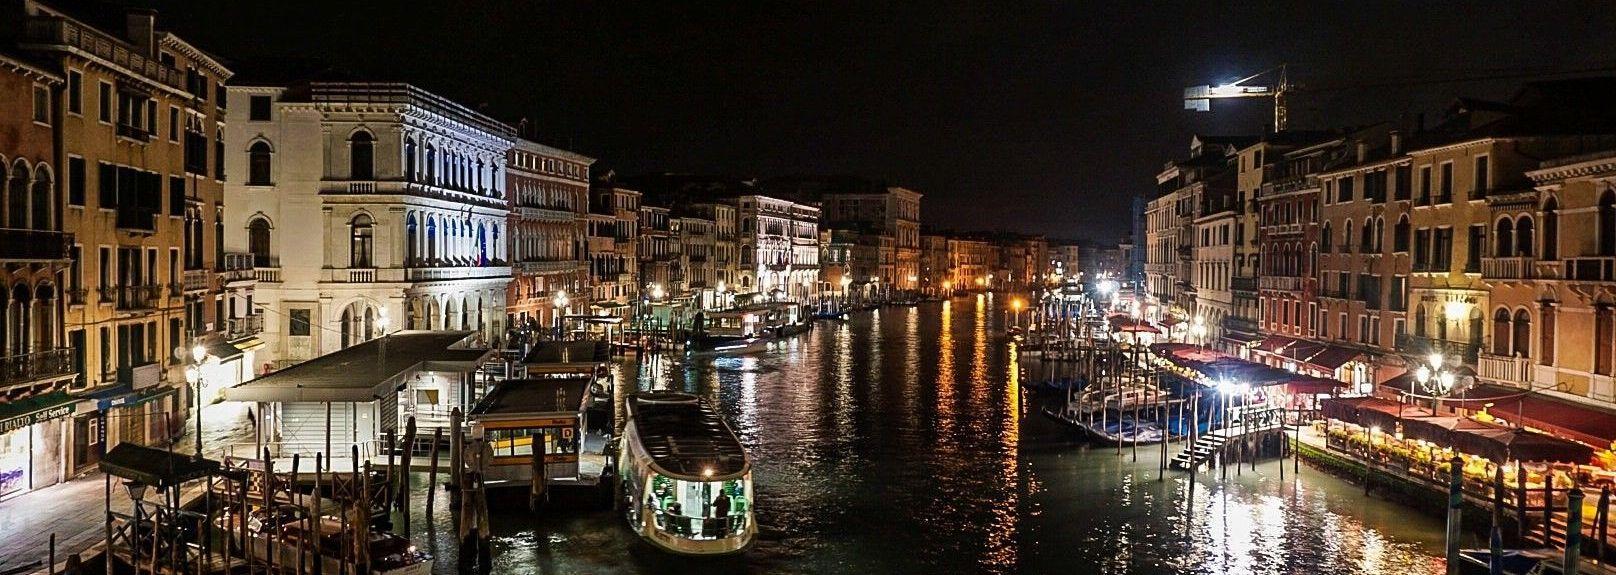 Mestre, Veneto, Italy